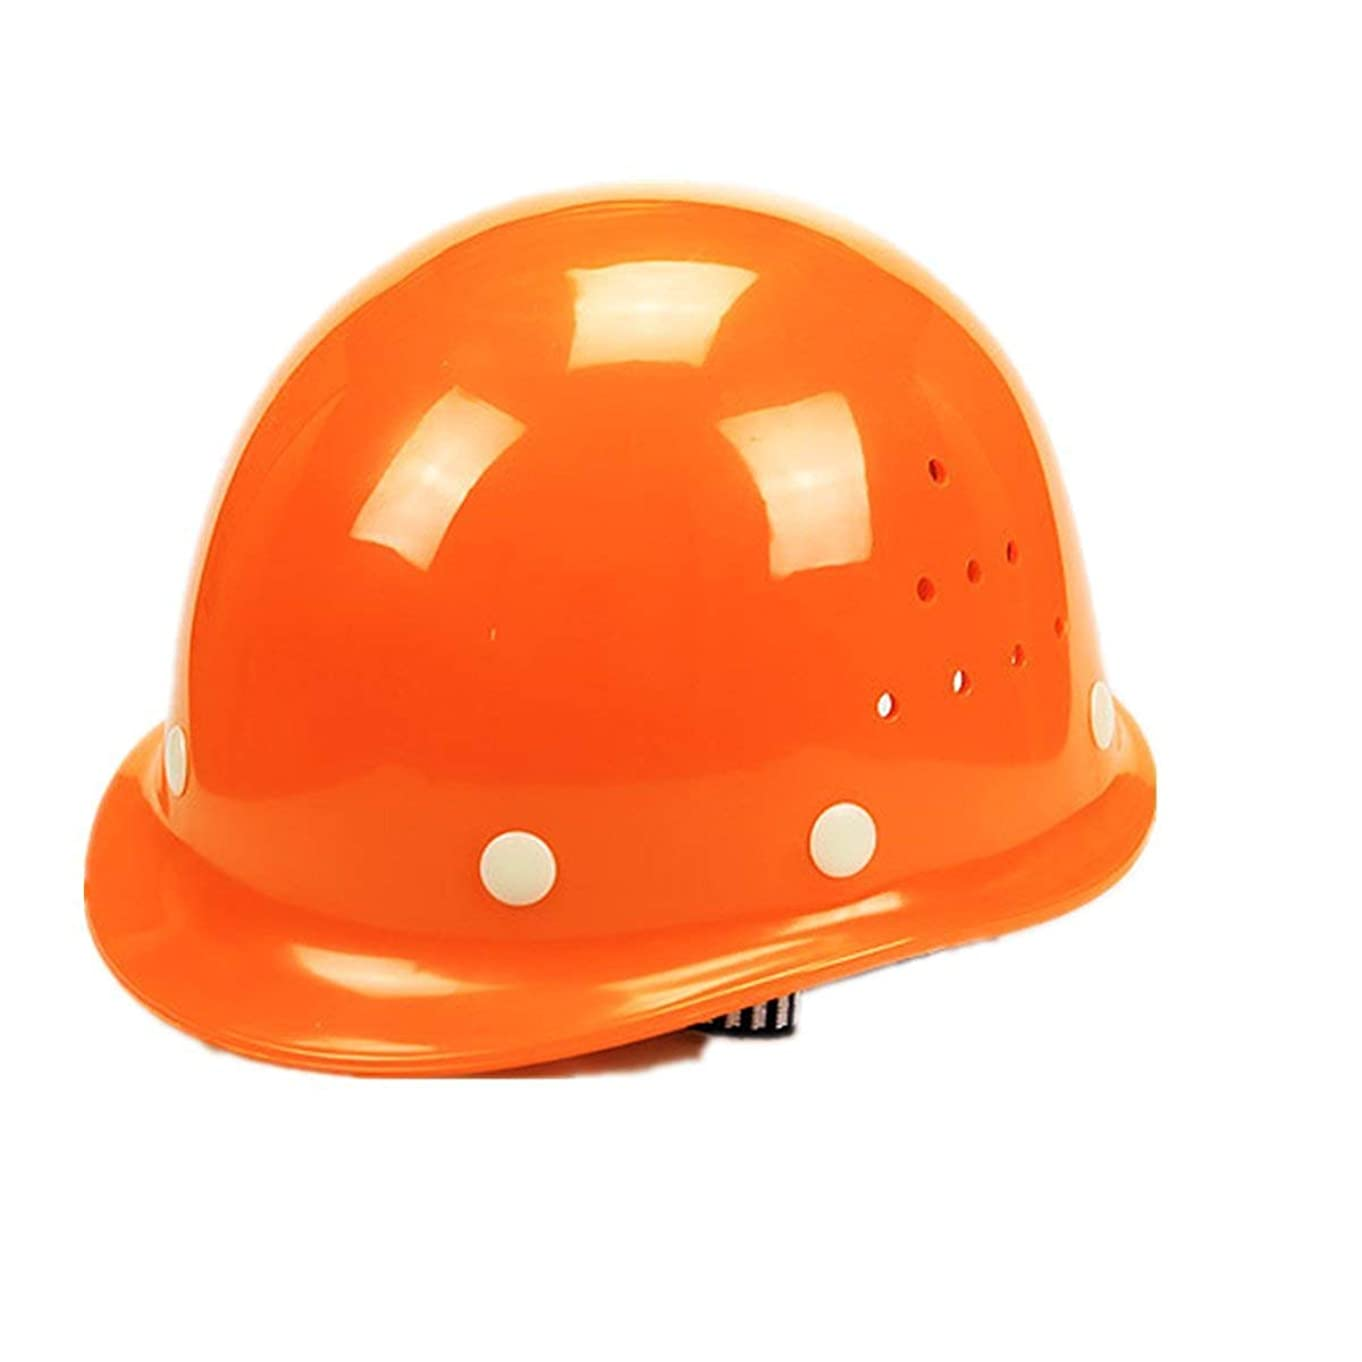 透過性従来の操作可能HNJZX 災害時の備えに 安全 ヘルメット 一般作業用 通気孔付 防災用 作業用 安全装備用 丸形 リストバンド付き (C)